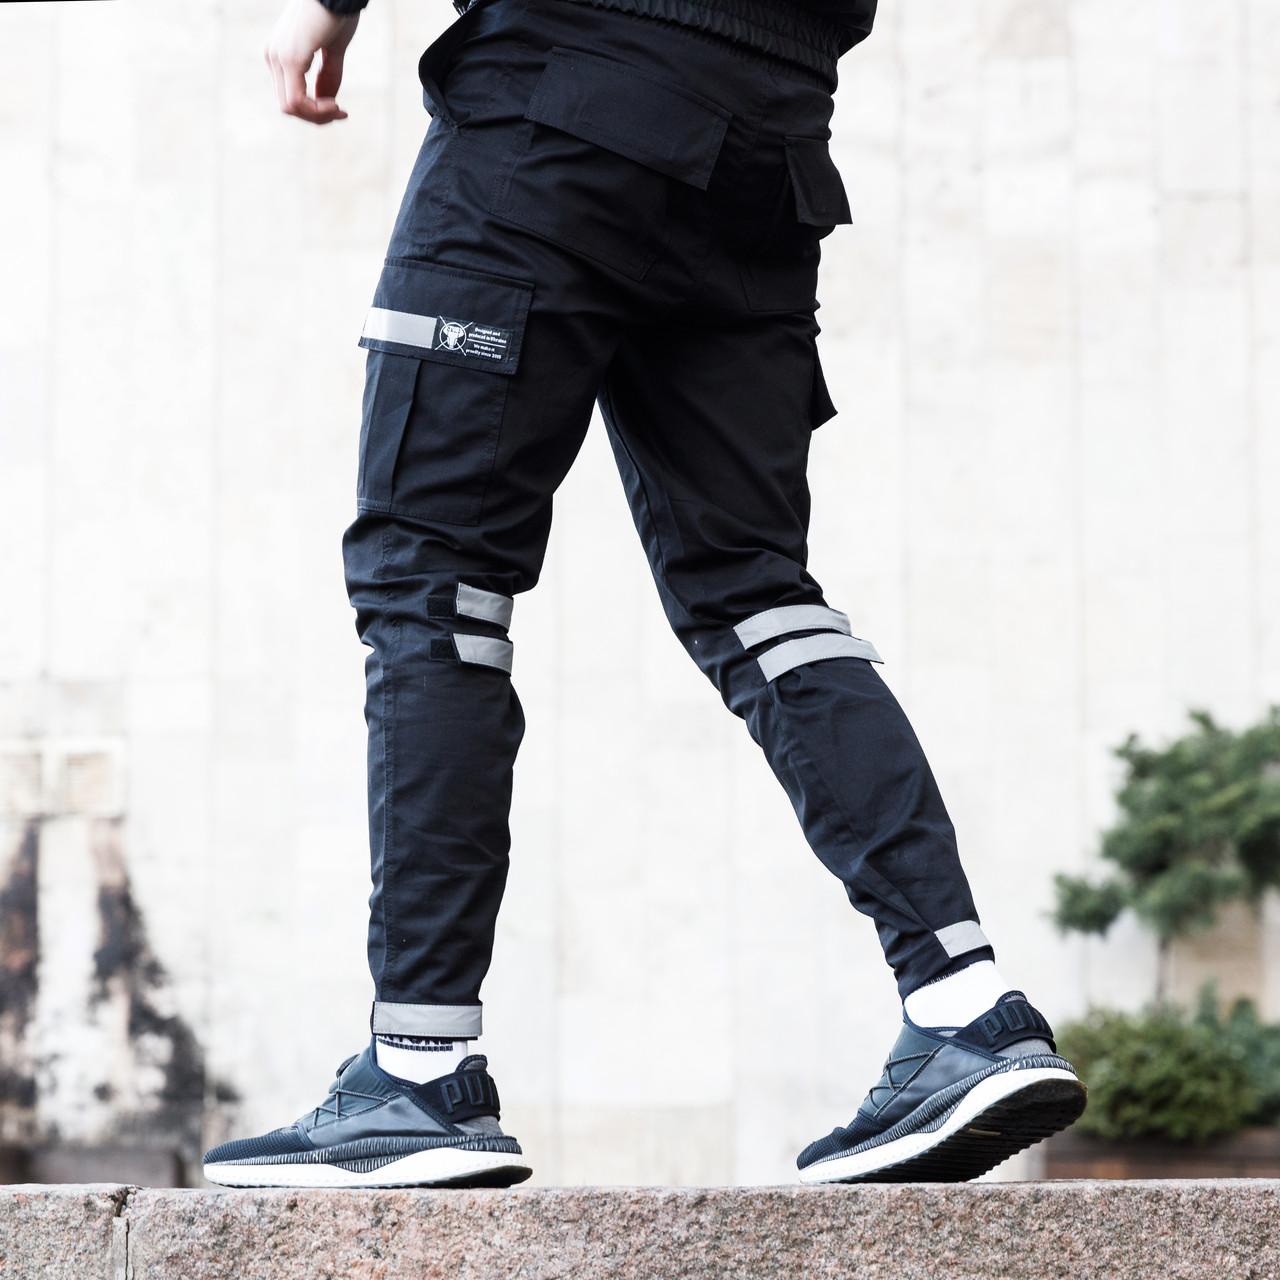 Зауженные карго штаны черные на липучках с рефлектом мужские от бренда ТУР Райот